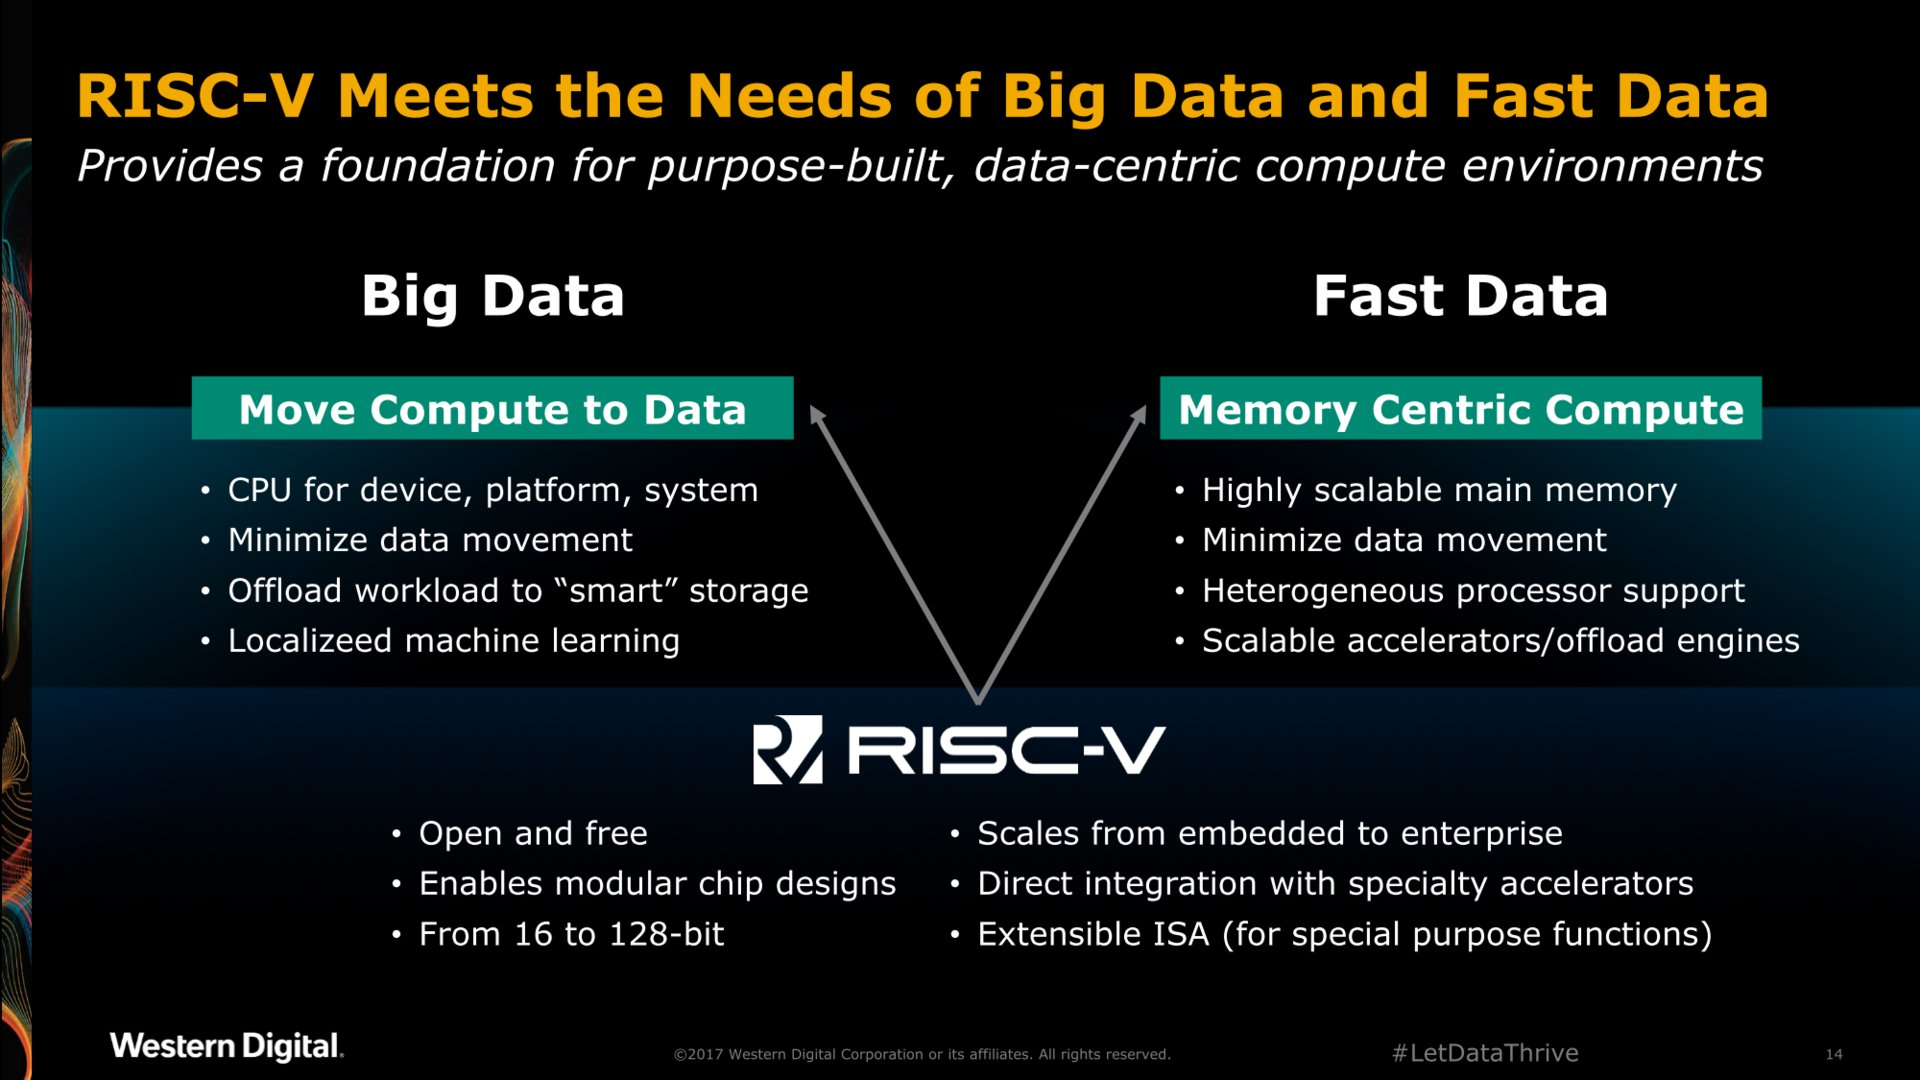 Vorteile von RISC-V laut Western Digital